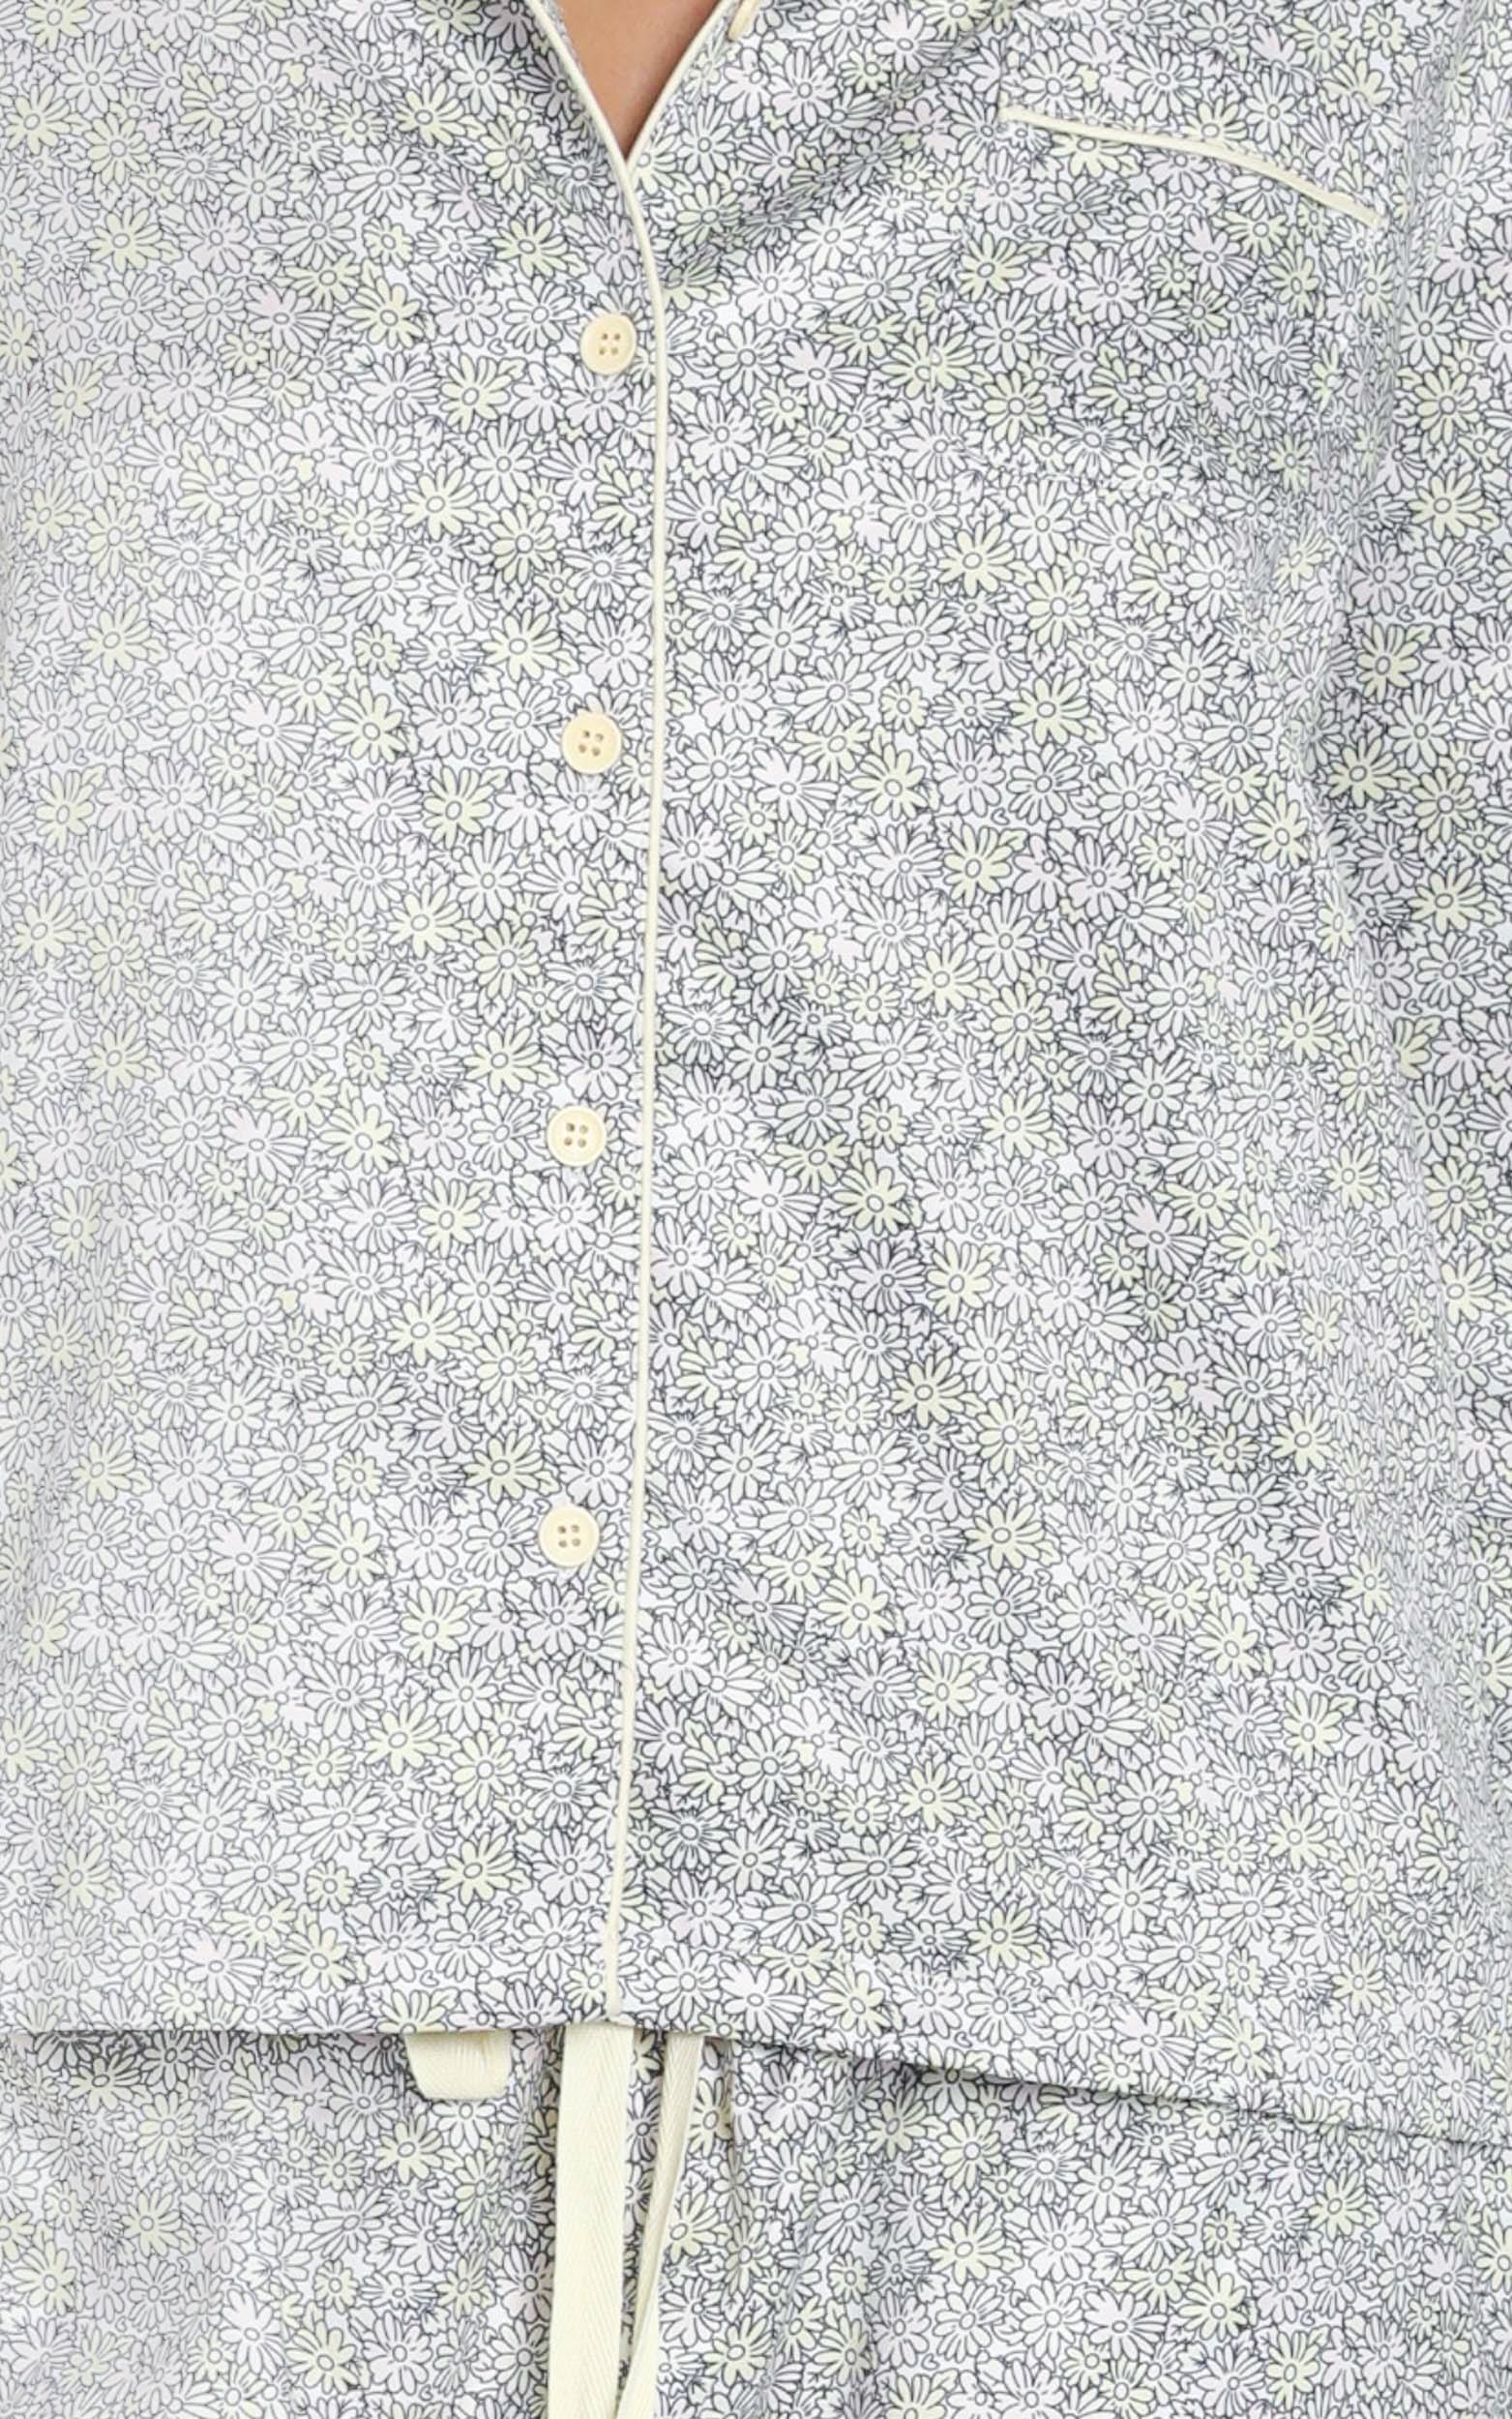 Project REM Pyjama Set in Ditsy Floral - 12 (L), Grey, hi-res image number null